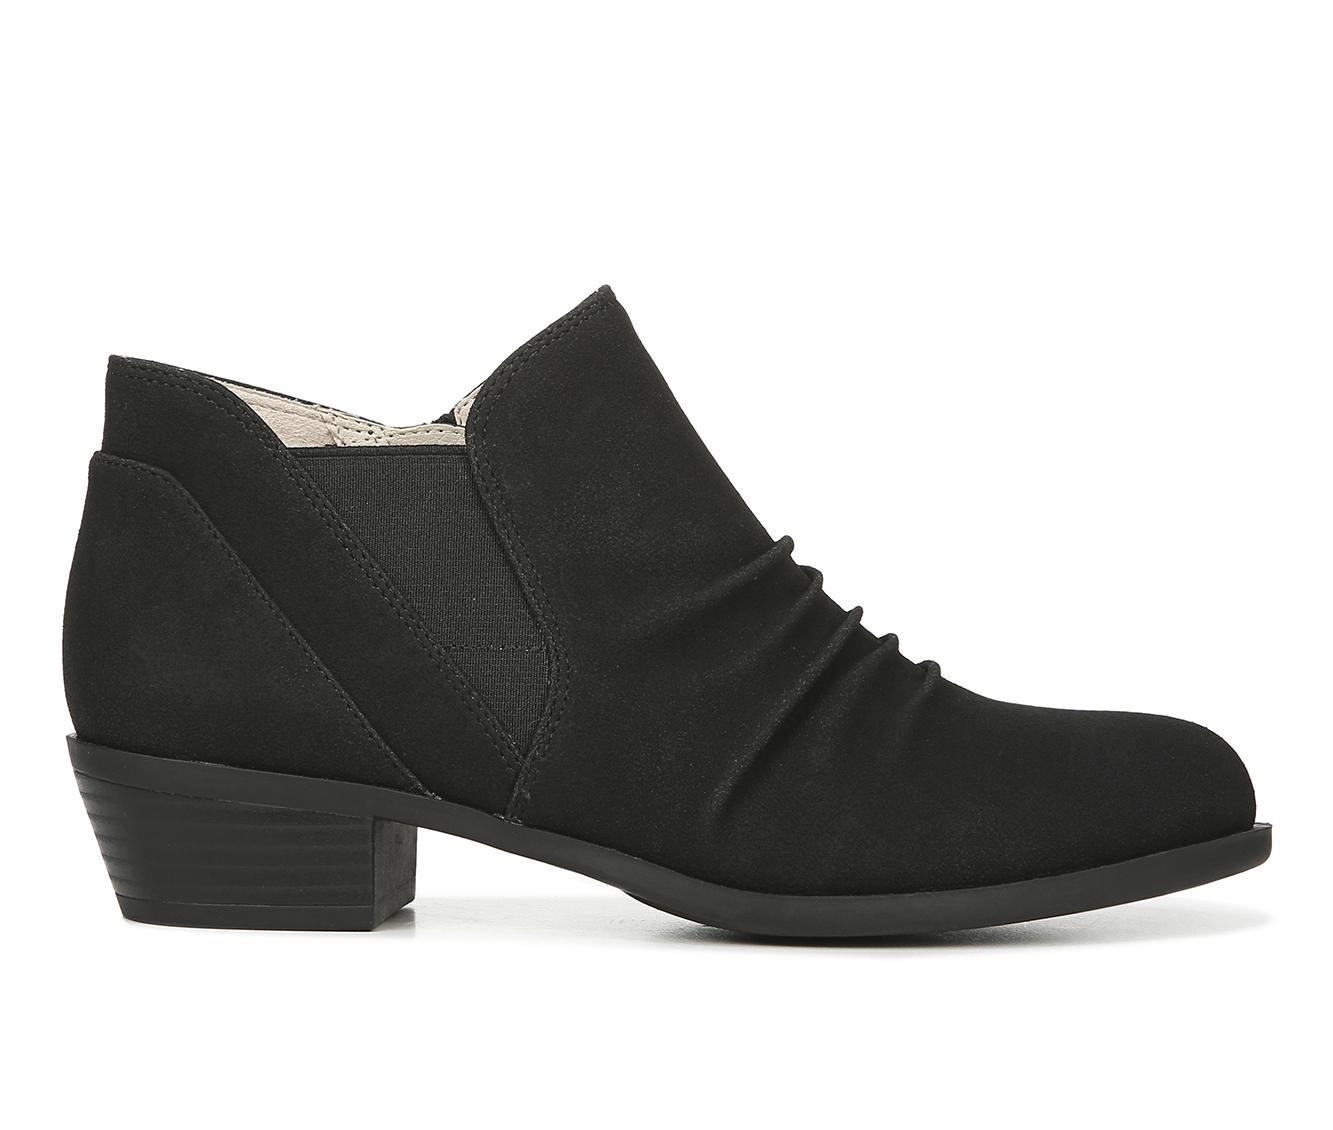 LifeStride Aurora Women's Boots (Black - Faux Leather)